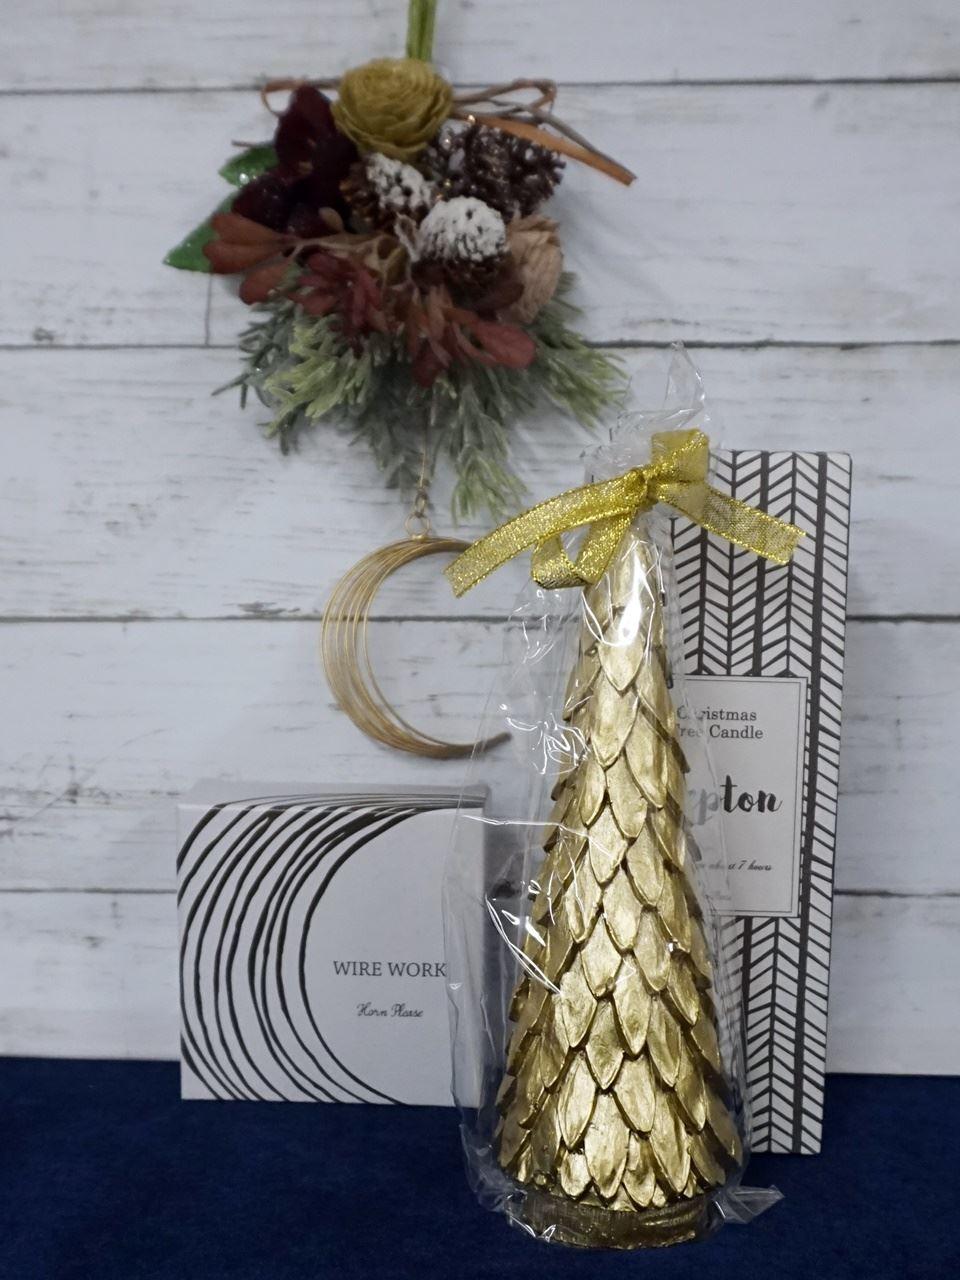 クリスマス 一緒に楽しむ アーティフィシャルスワッグ「ムーン」とキャンドルツリーのセット